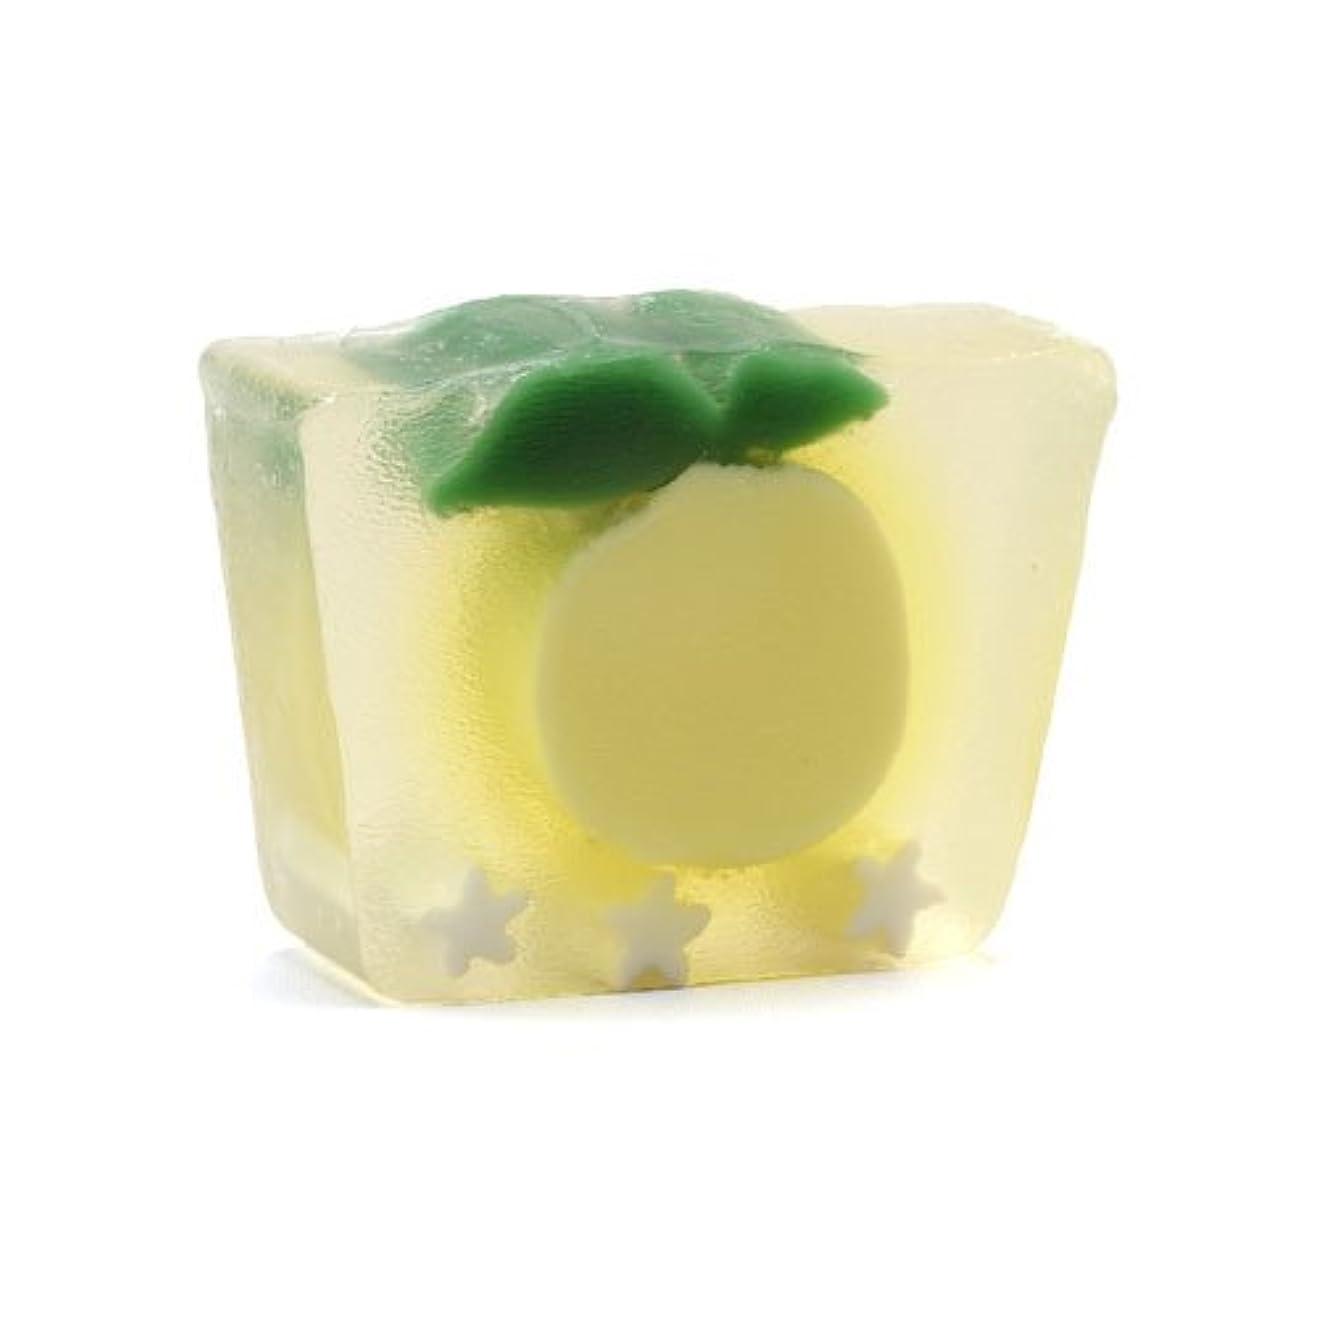 従順な警報八百屋さんプライモールエレメンツ アロマティック ミニソープ カリフォルニアレモン 80g 植物性 ナチュラル 石鹸 無添加